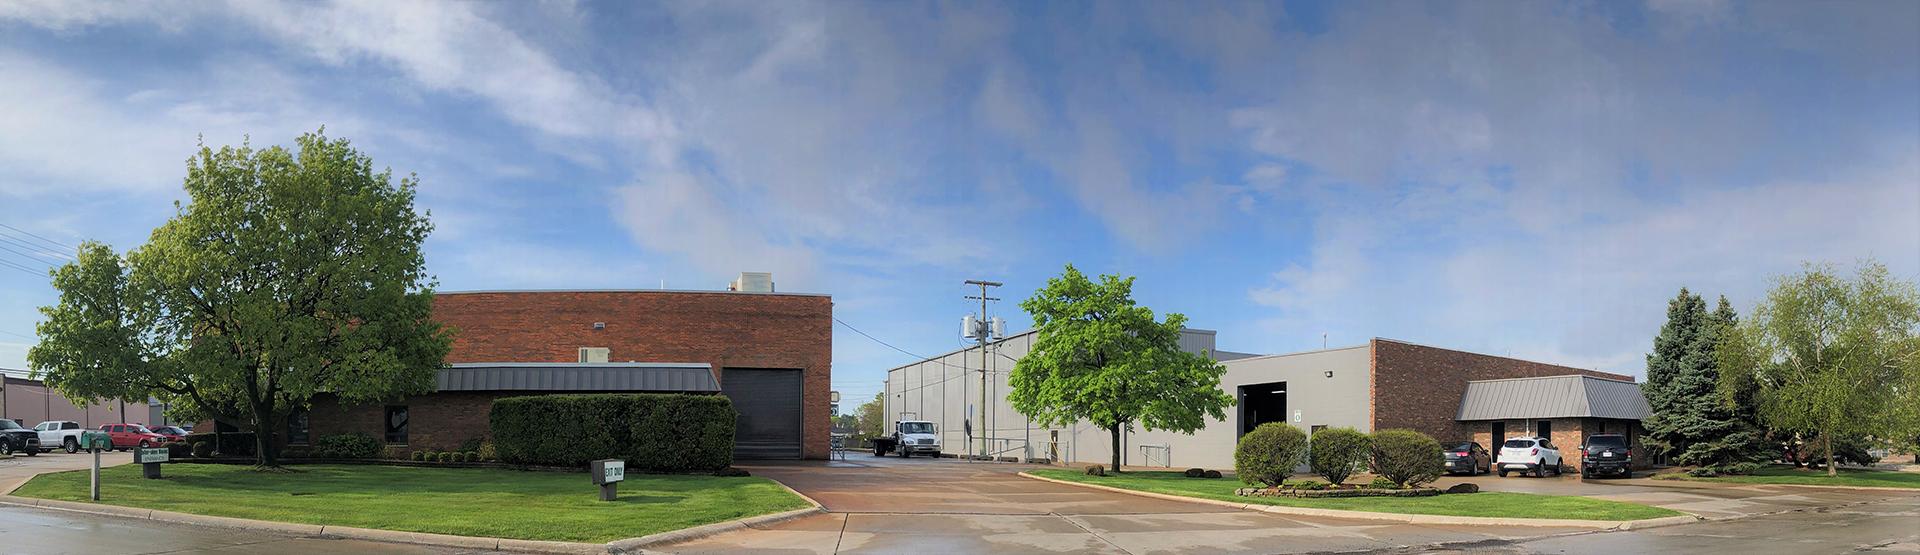 inter-lakes bases facility